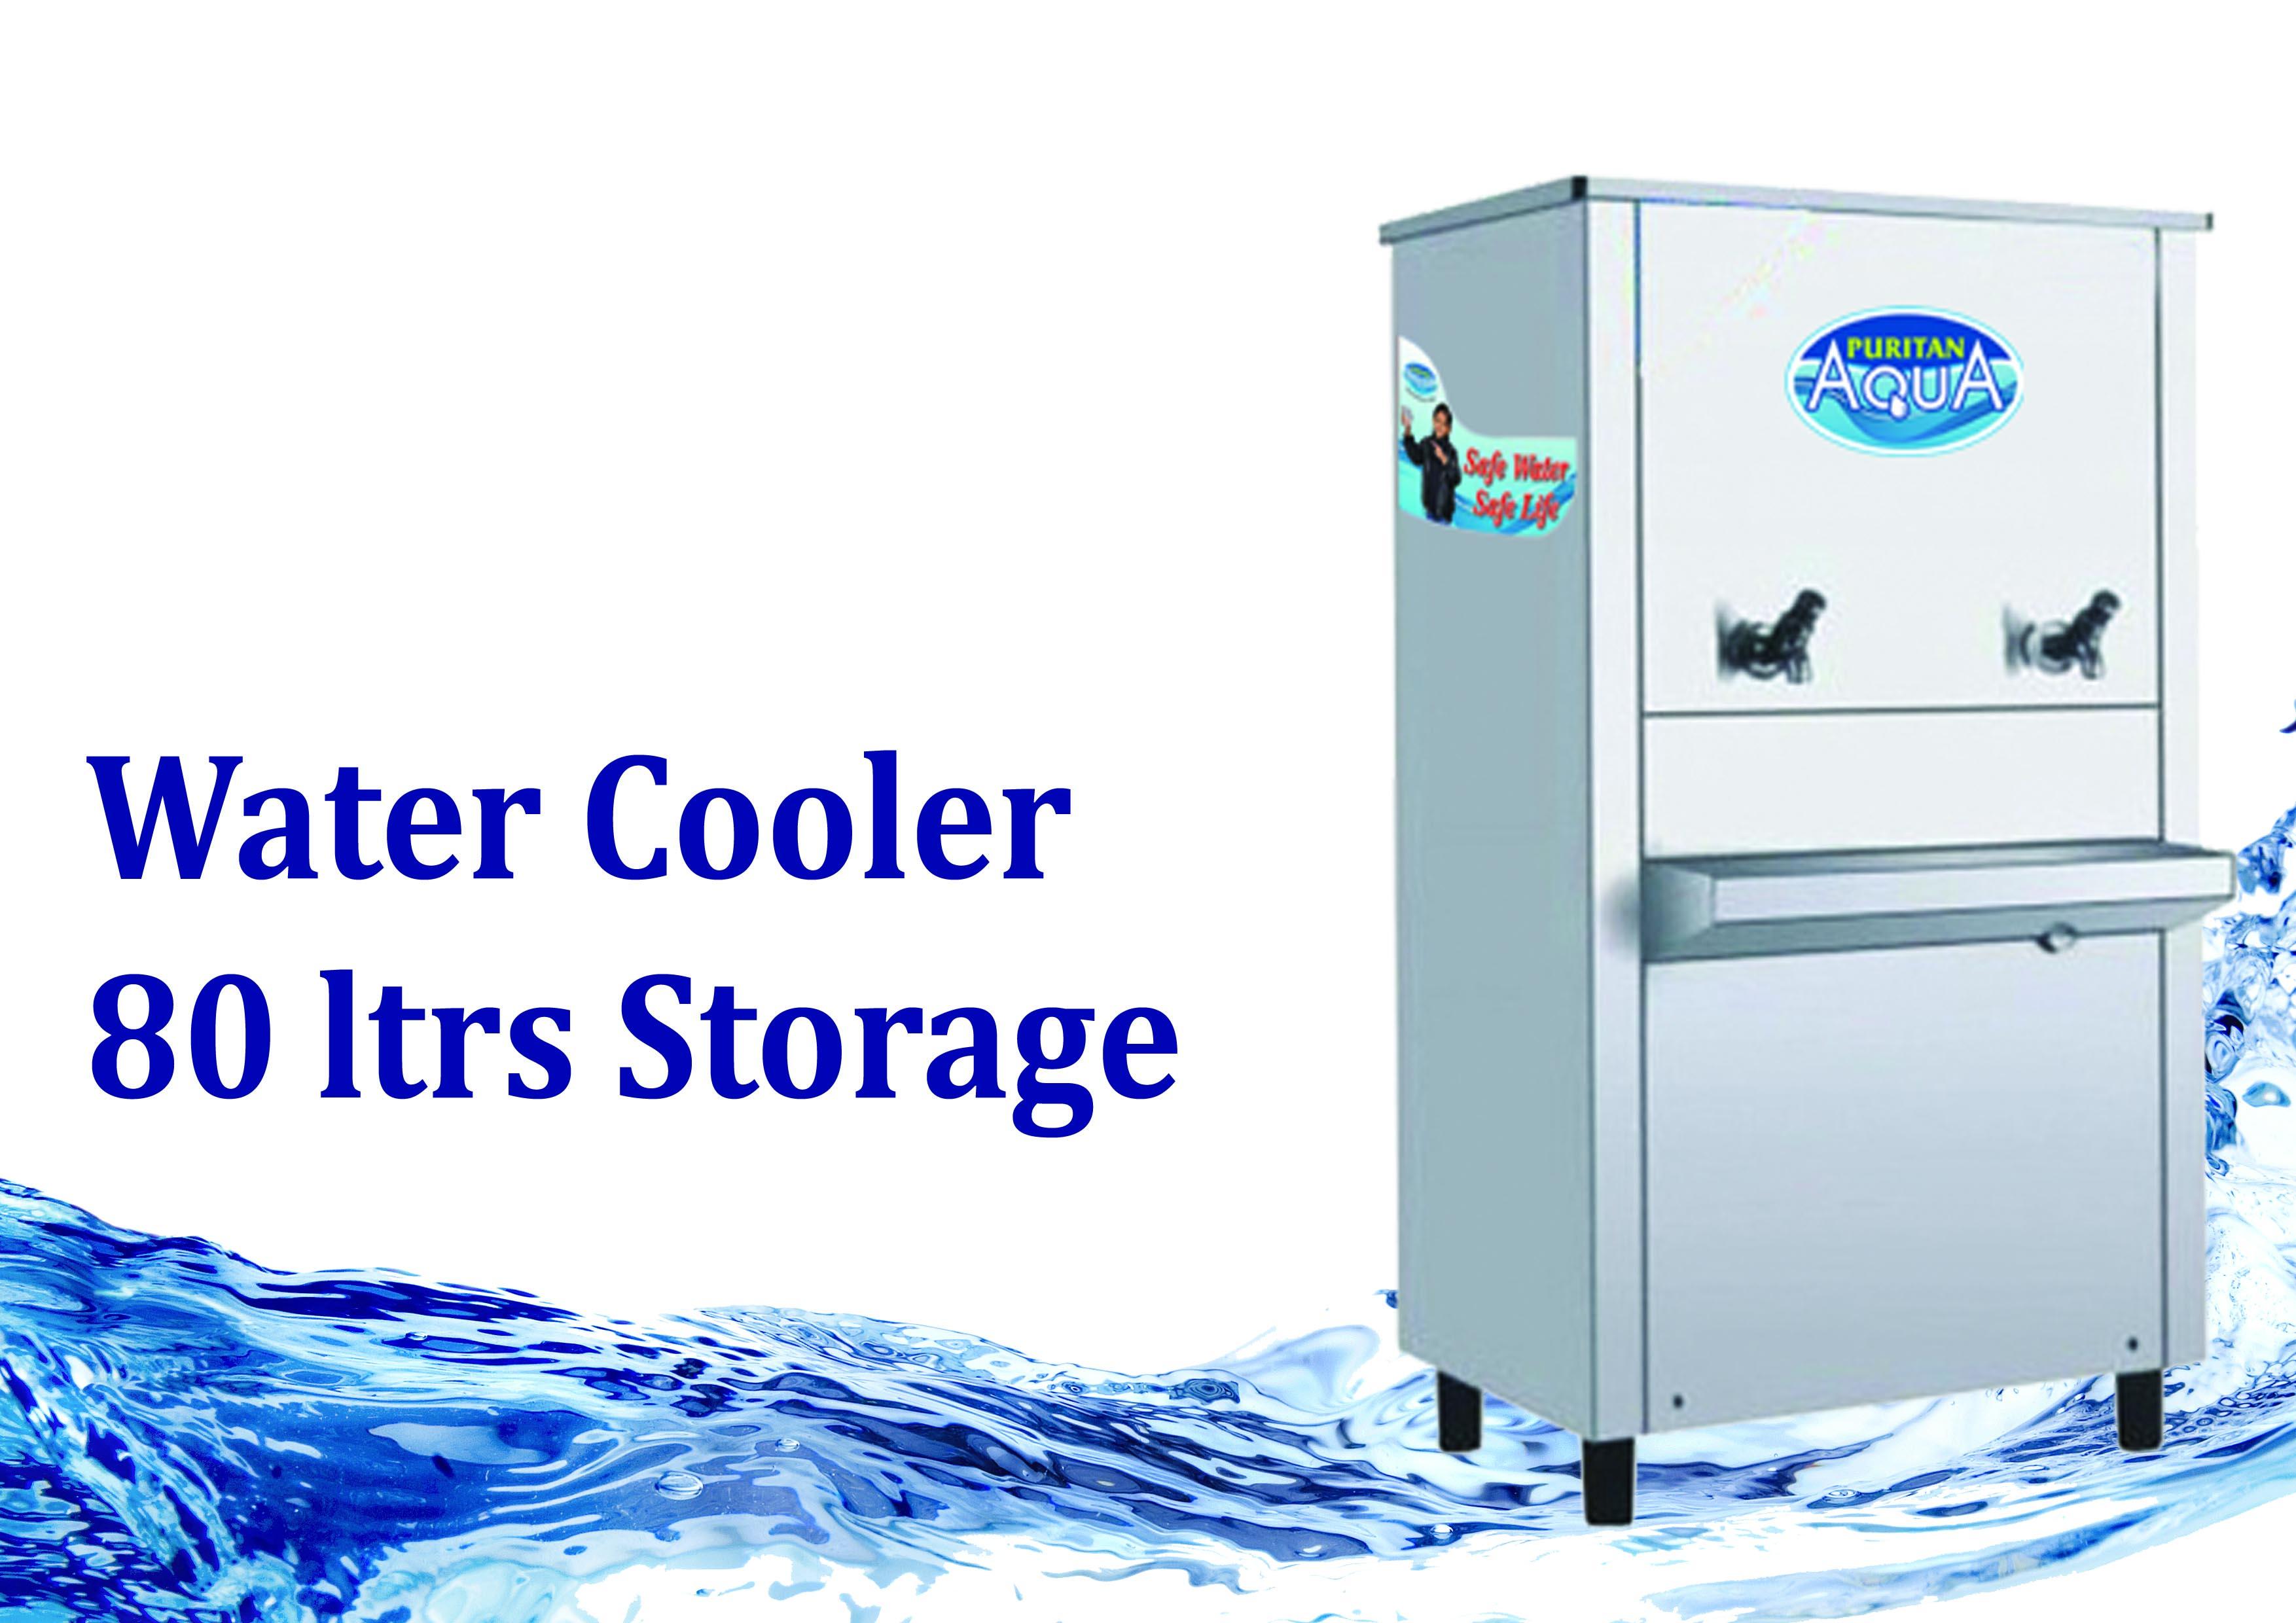 9030238002 By: PURITAN AQUA RO WATER SOLUTIONS, Water Cooler Dealer In  Hyderabad, Best Water Cooler For Commercial, Best Storage Water Cooler, Water  Cooler ...